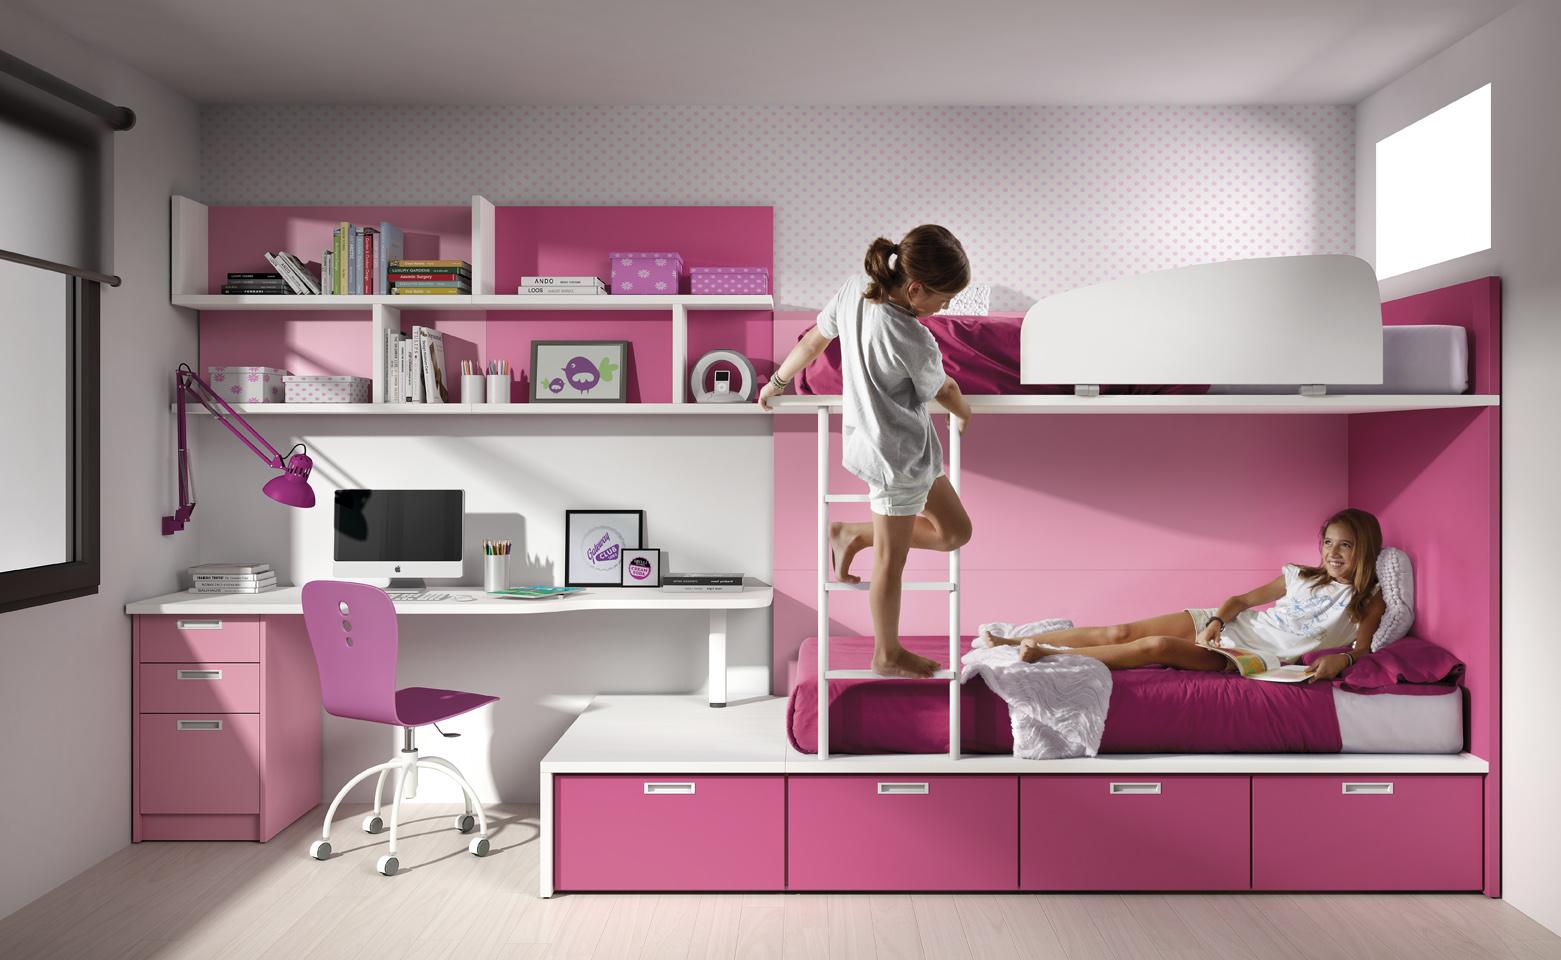 Tatat muebles a medida y m s expertos en mueble juvenil for Habitaciones para ninas con literas